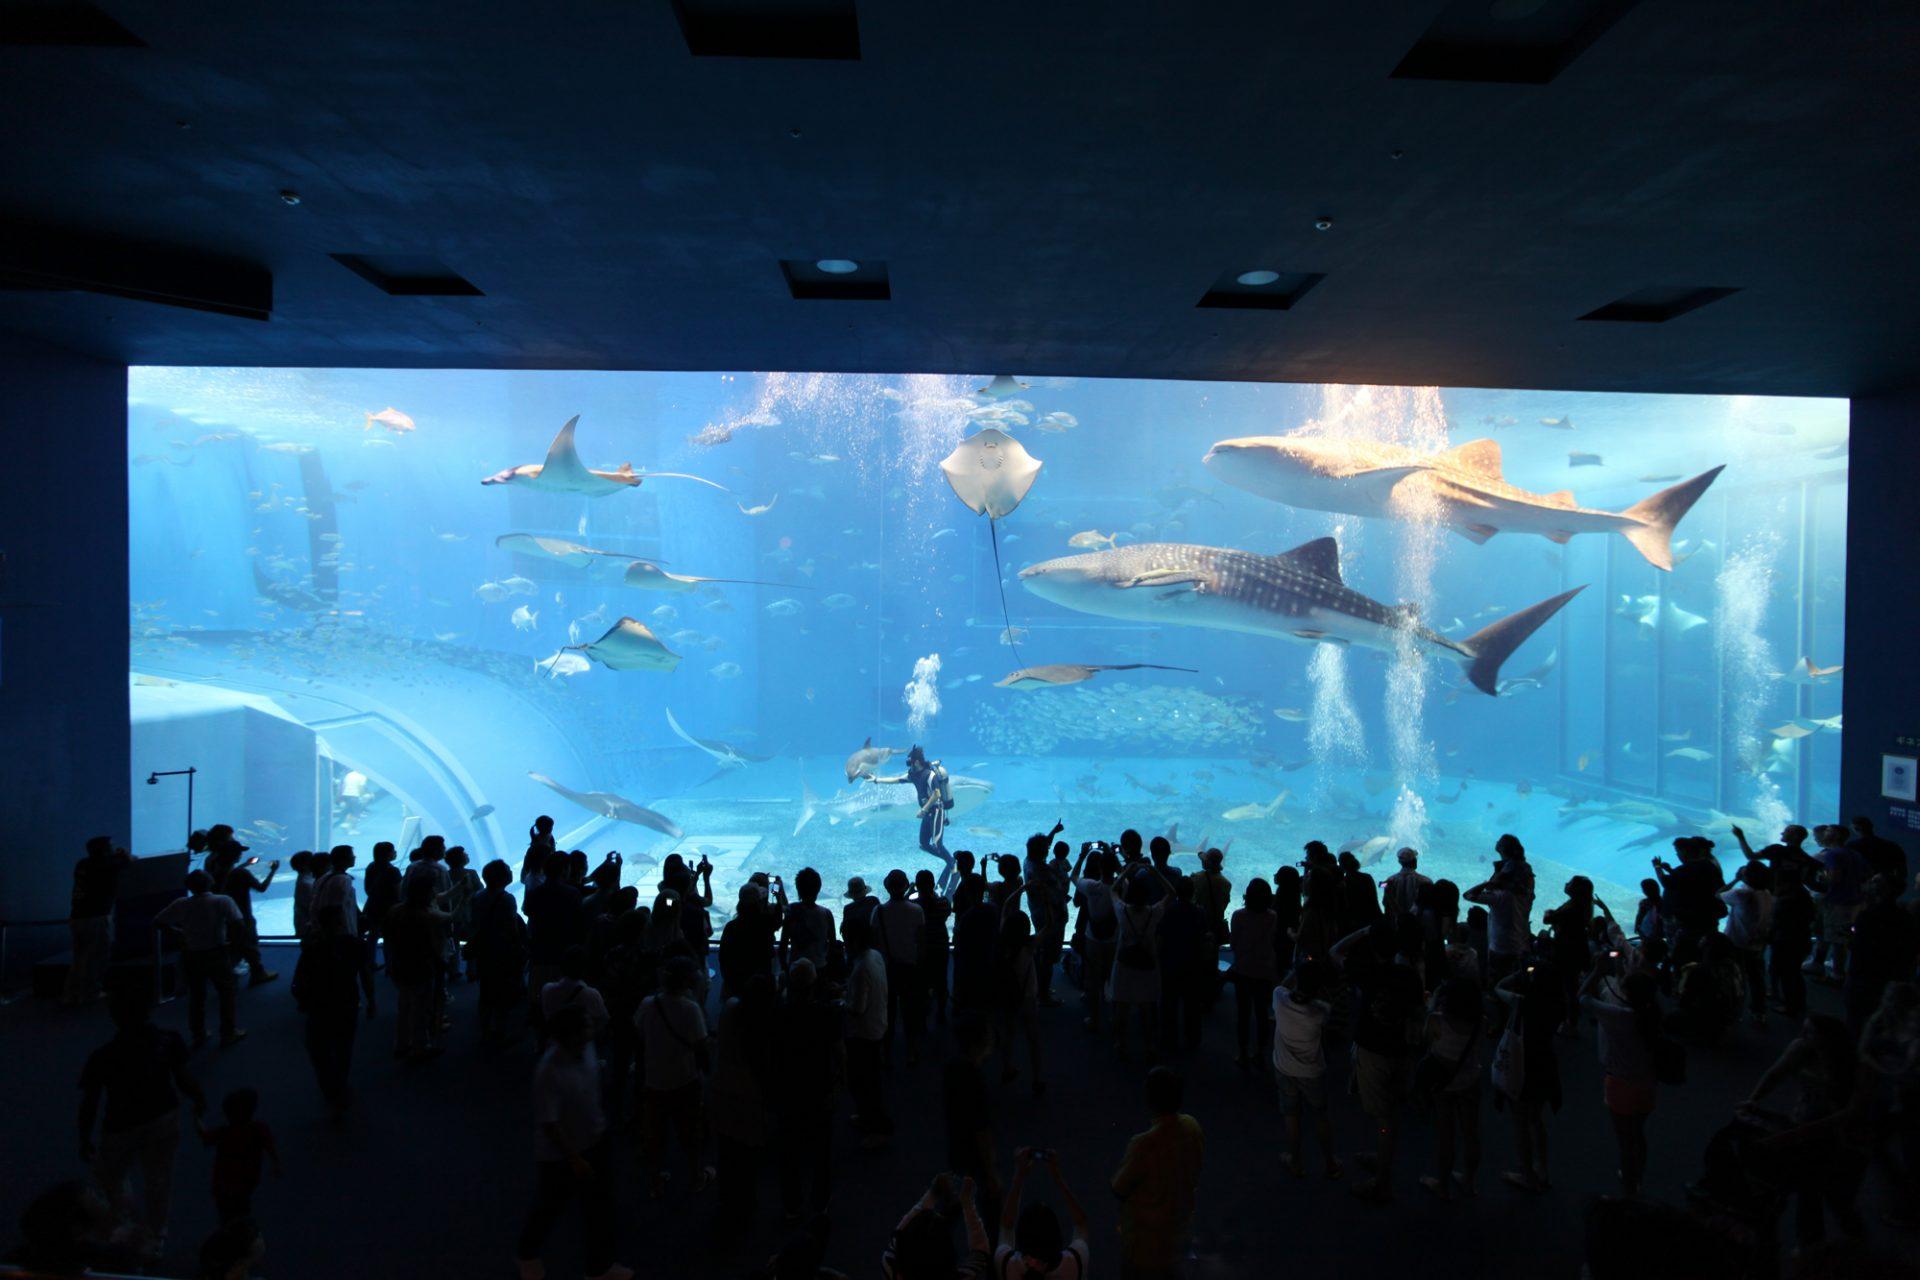 雨の日の観光におすすめ!沖縄北部「沖縄美ら海水族館」